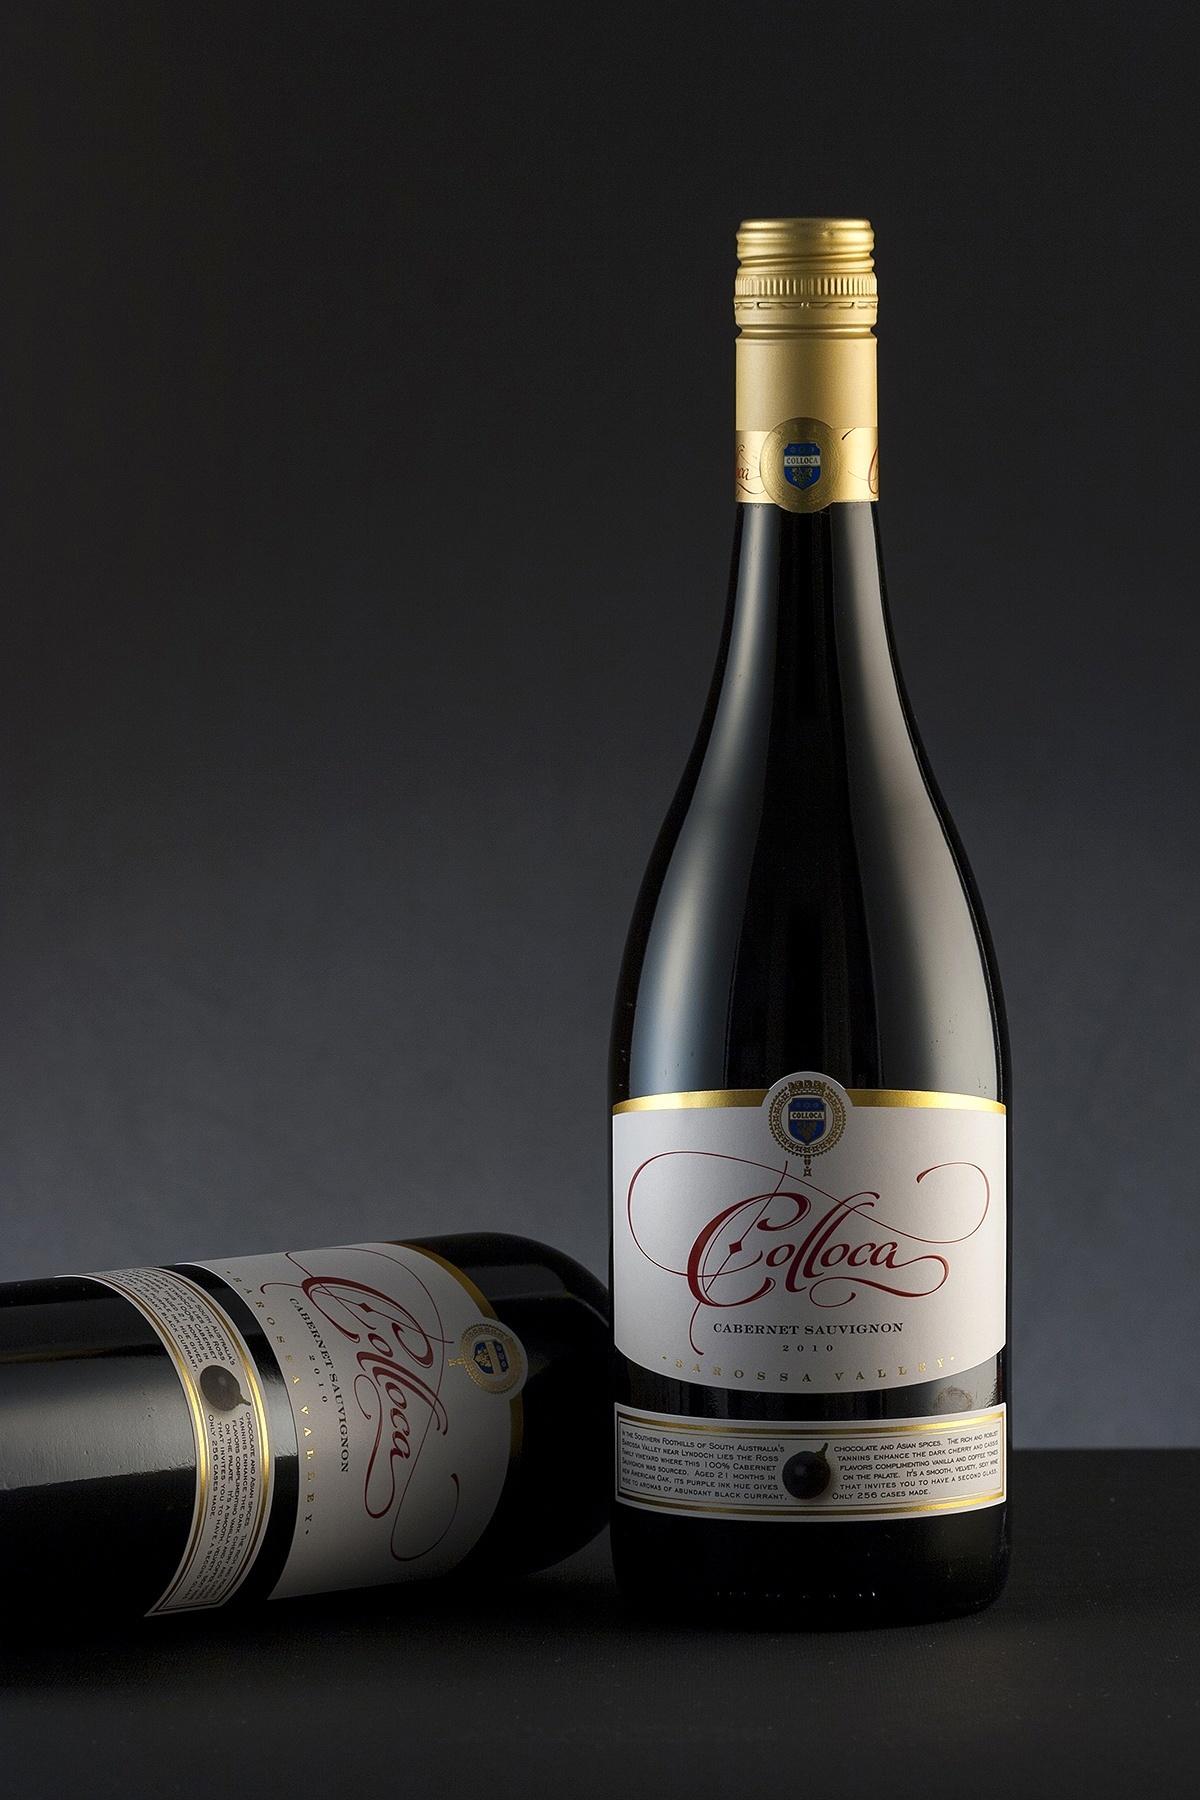 Colloca Estate wine label